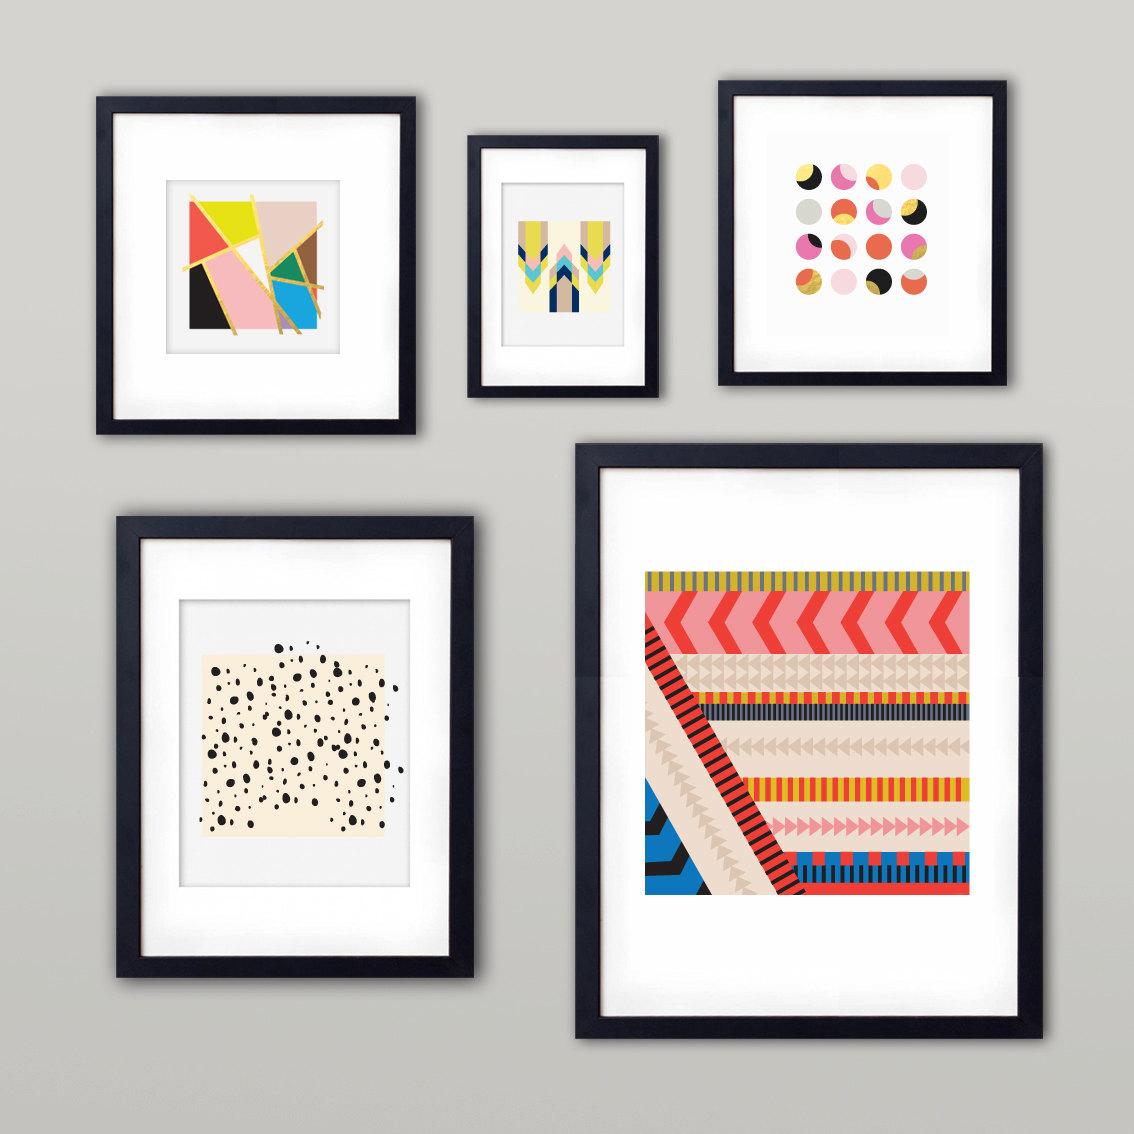 Impresos minimalistas, basados en figuras geométricas y coloridas, por BelloPop